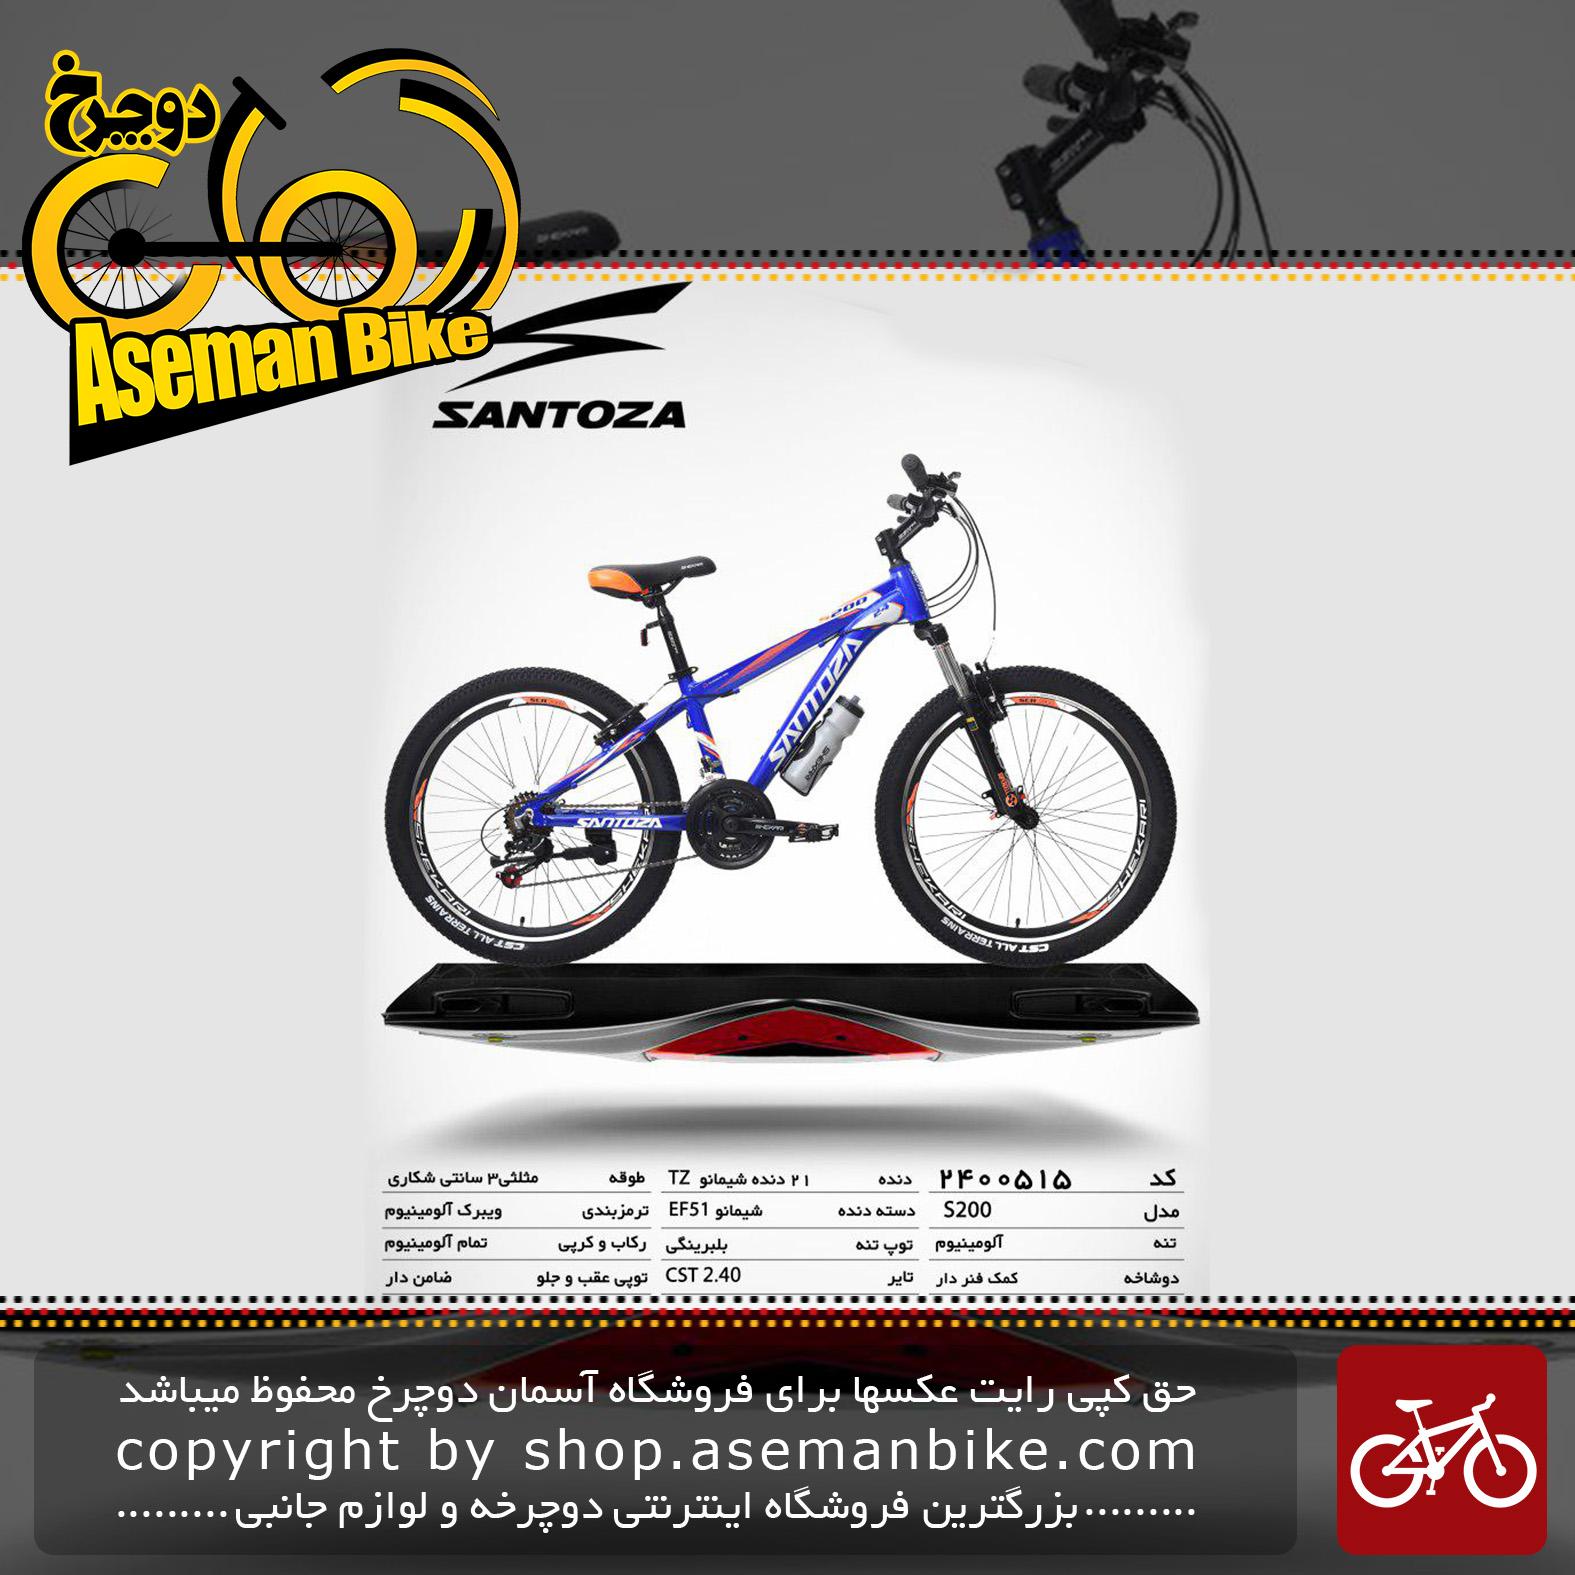 دوچرخه کوهستان سانتوزا 21 دنده شیمانو تورنی تنه آلومینیوم سایز 24مدل اس200 santoza bicycle 24 21 speed shimano tourney tz aluminum vb s200 2019